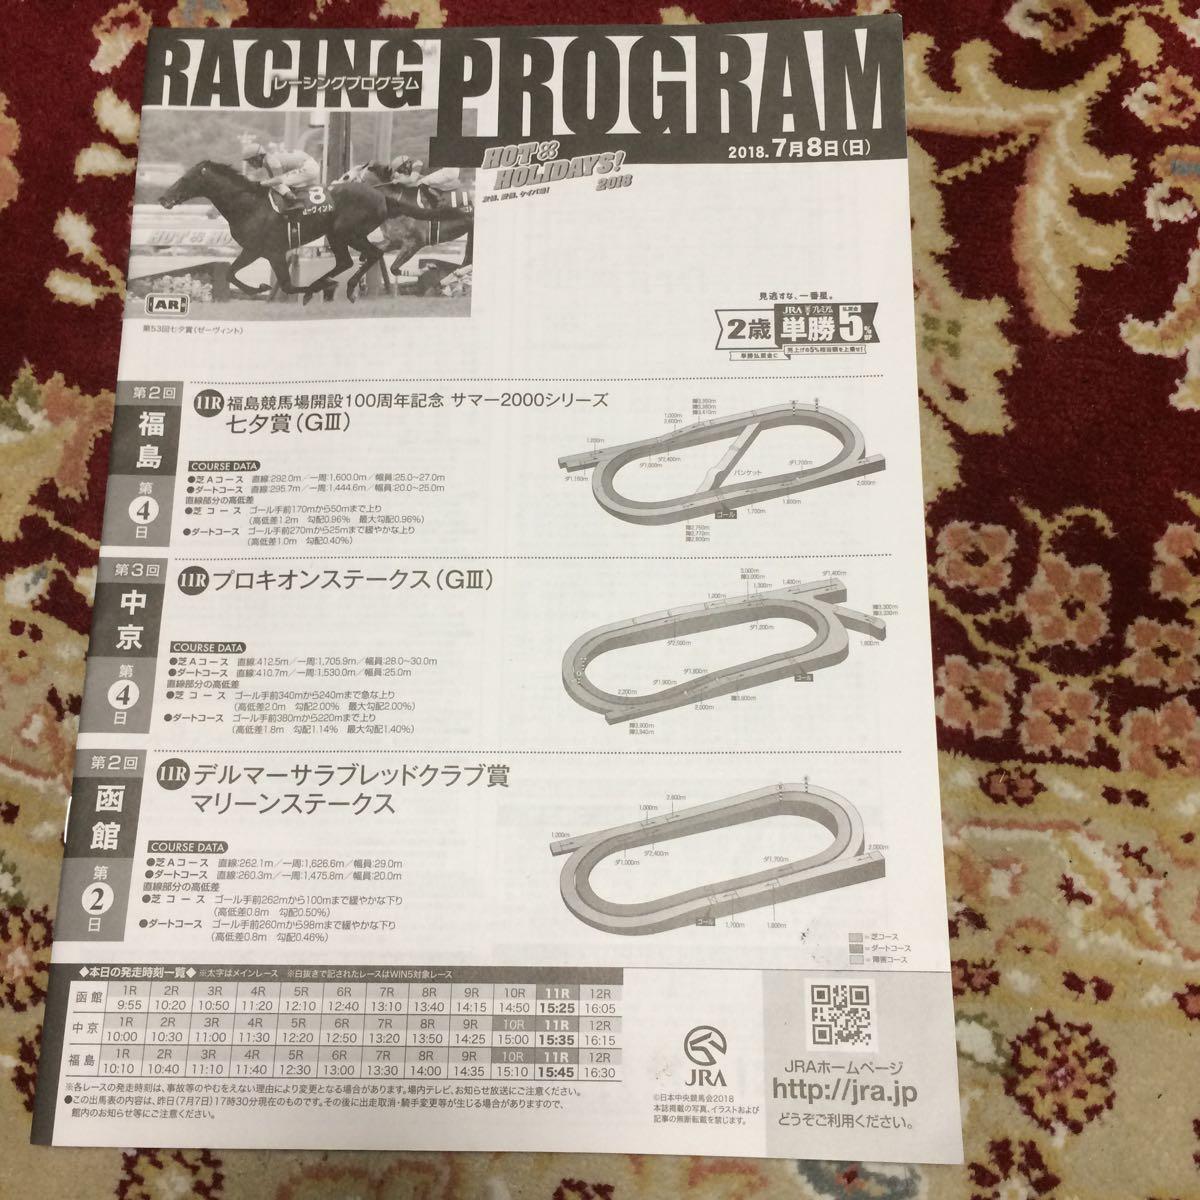 JRAレーシングプログラム2018.7月8日(日)、七夕賞(GⅢ)、プロキオンステークス(GⅢ)、マリーンステークス_画像1